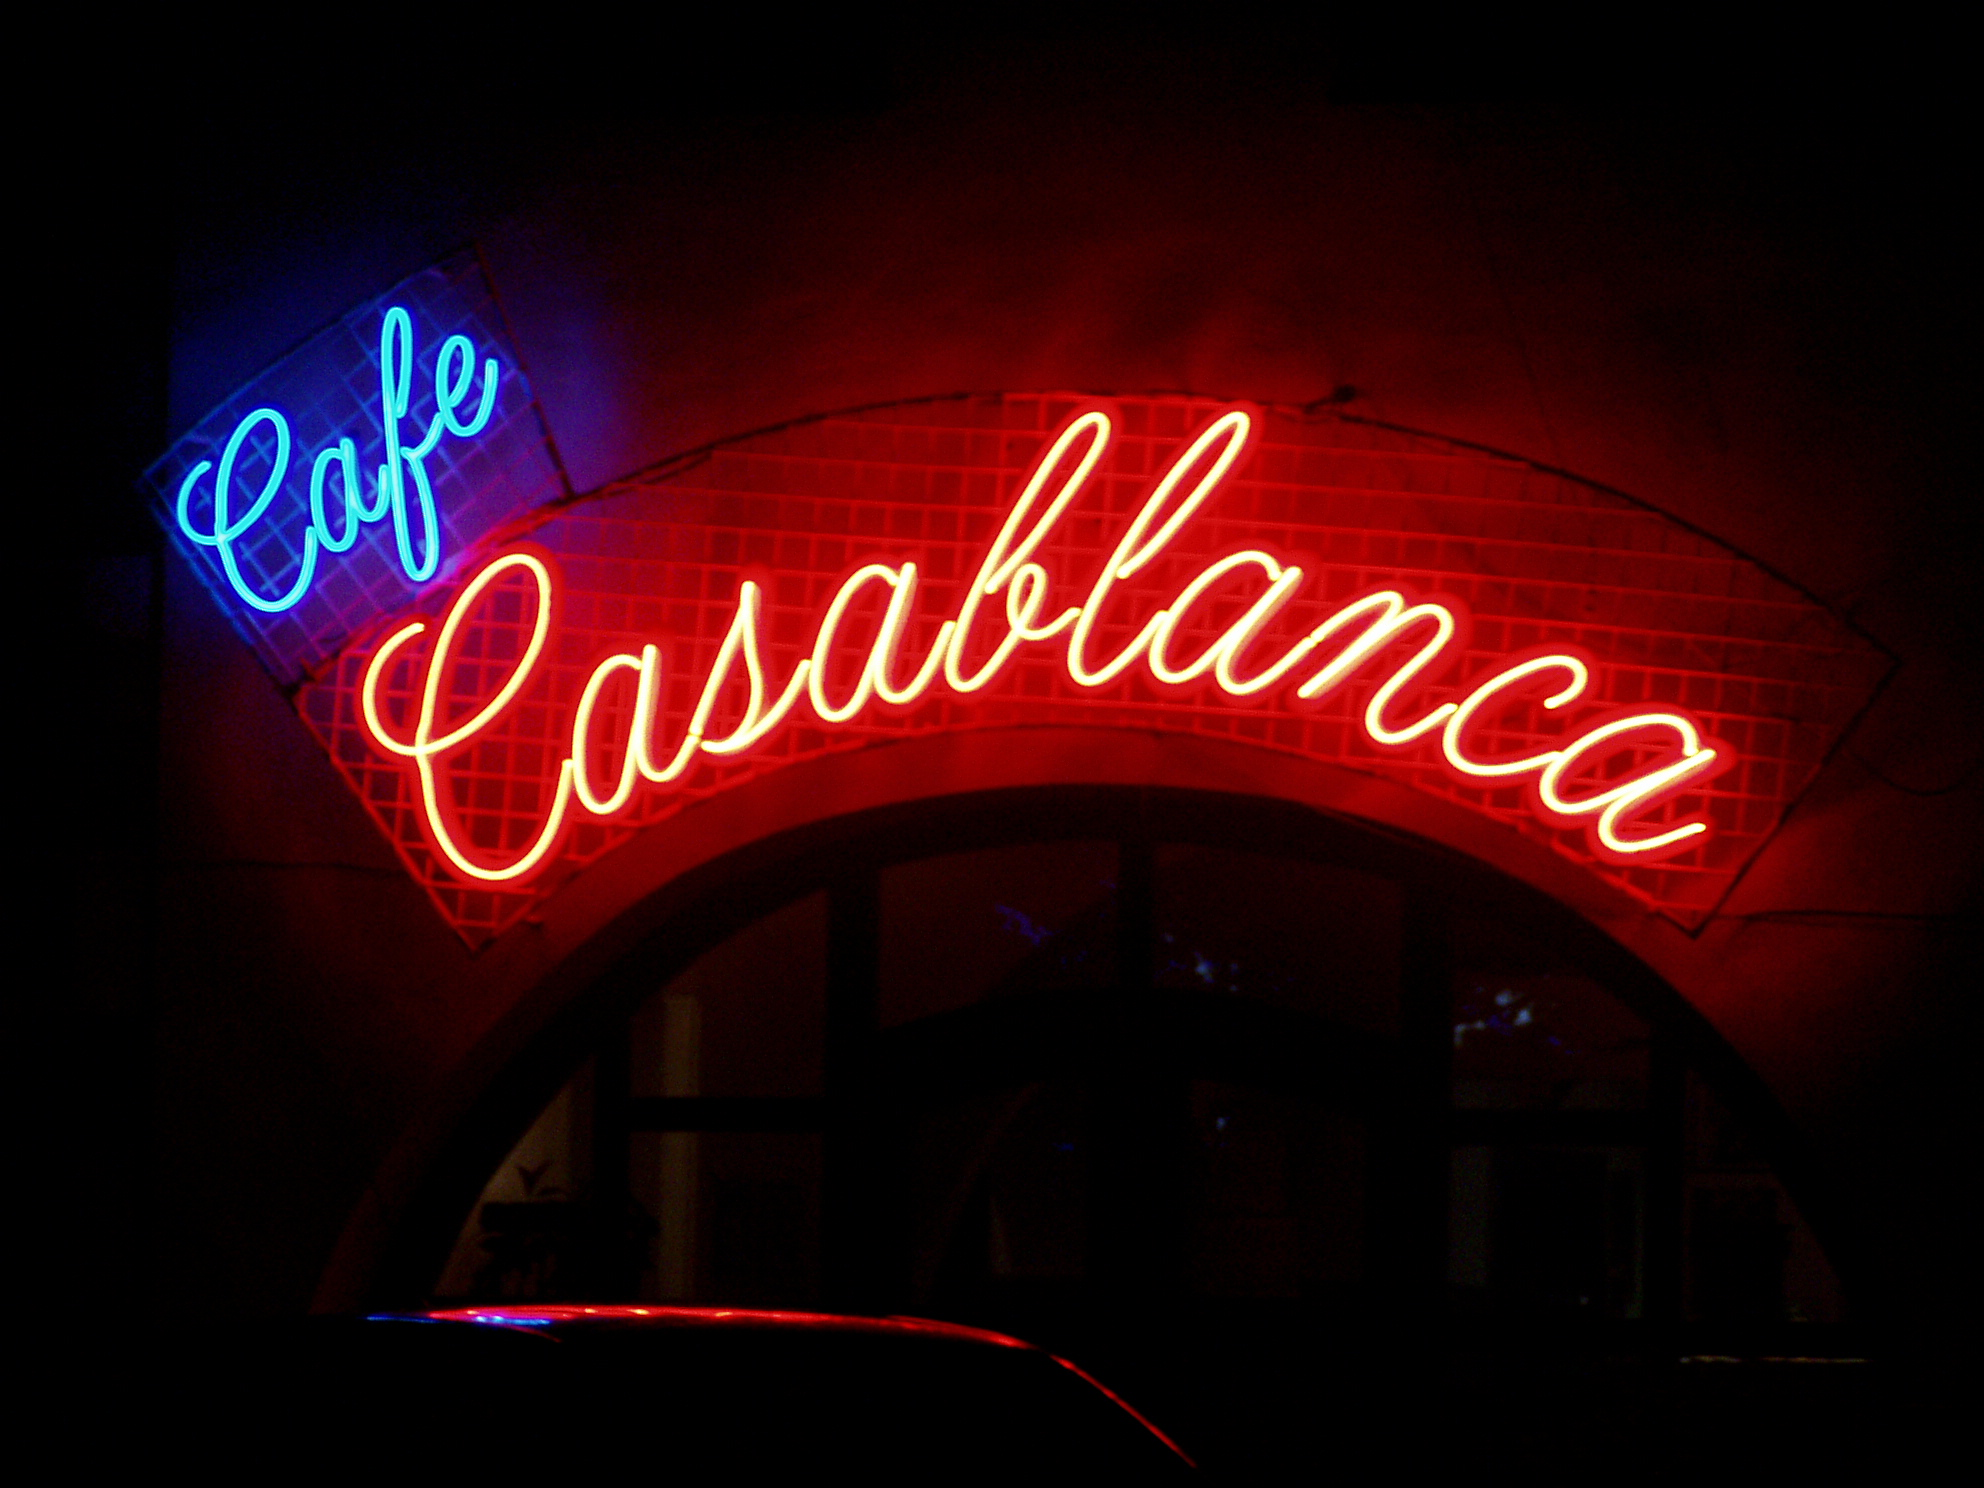 CAFE CASABLANCA